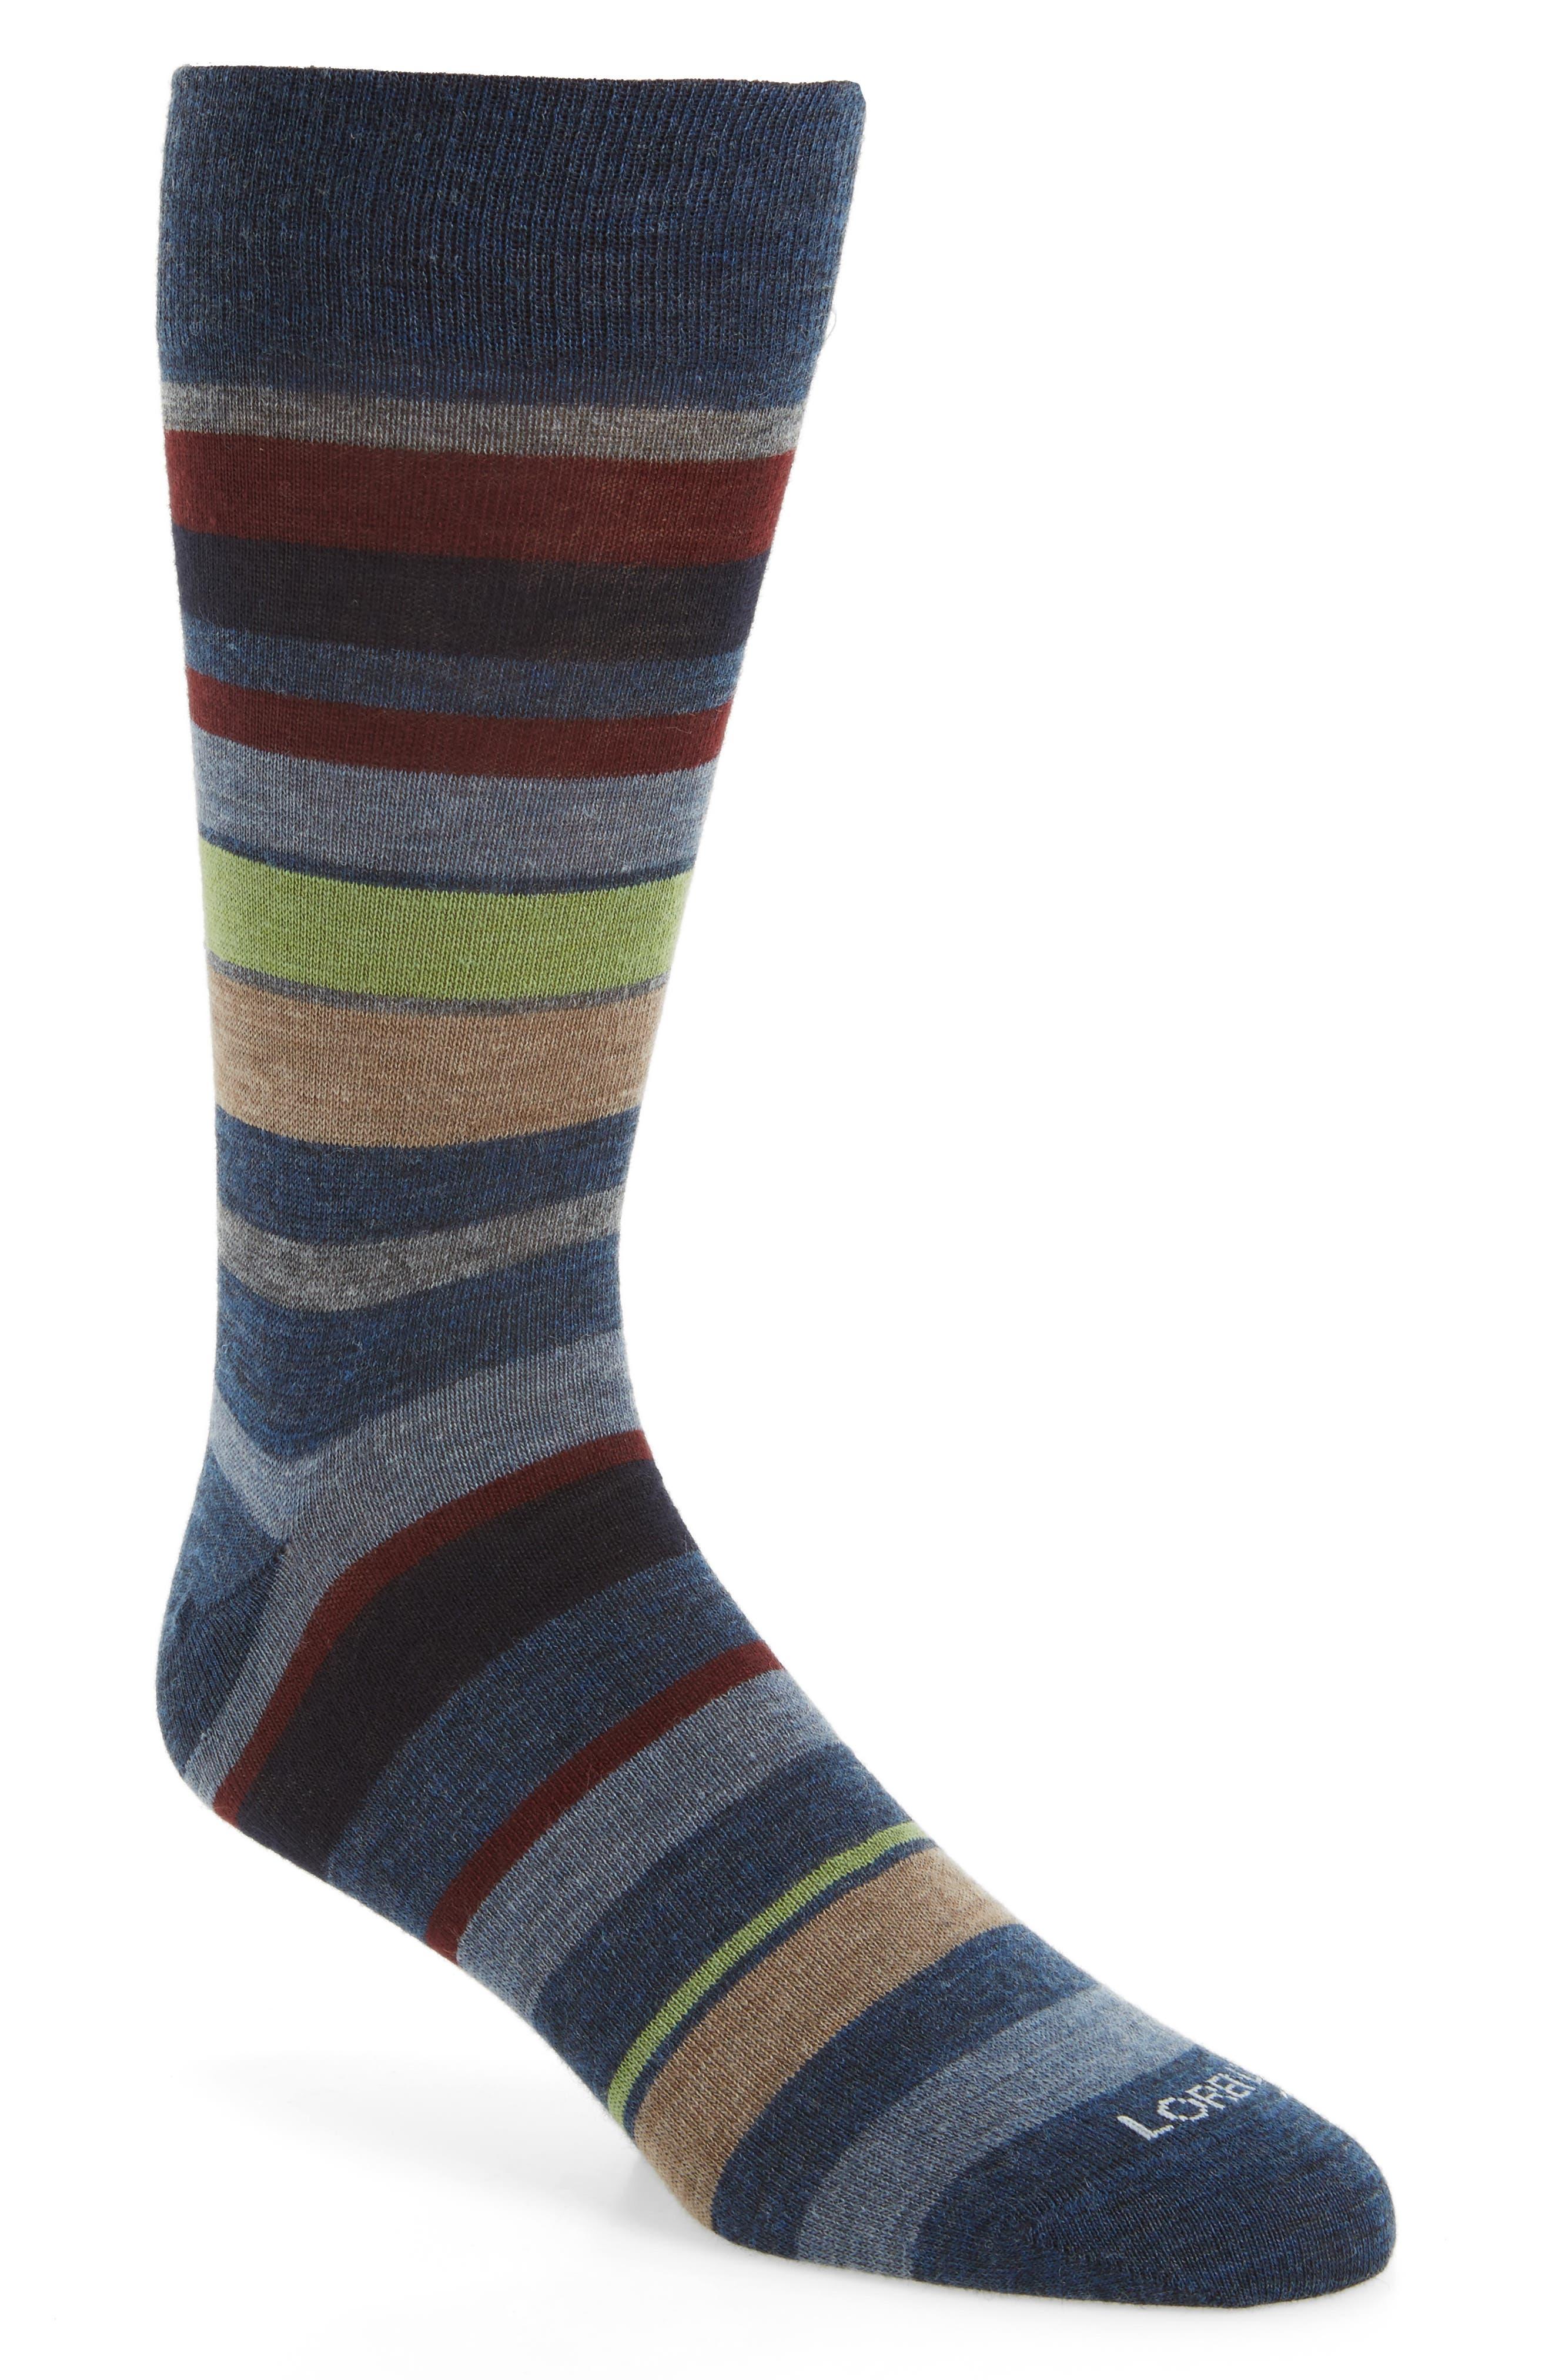 Multistripe Socks,                         Main,                         color, Denim